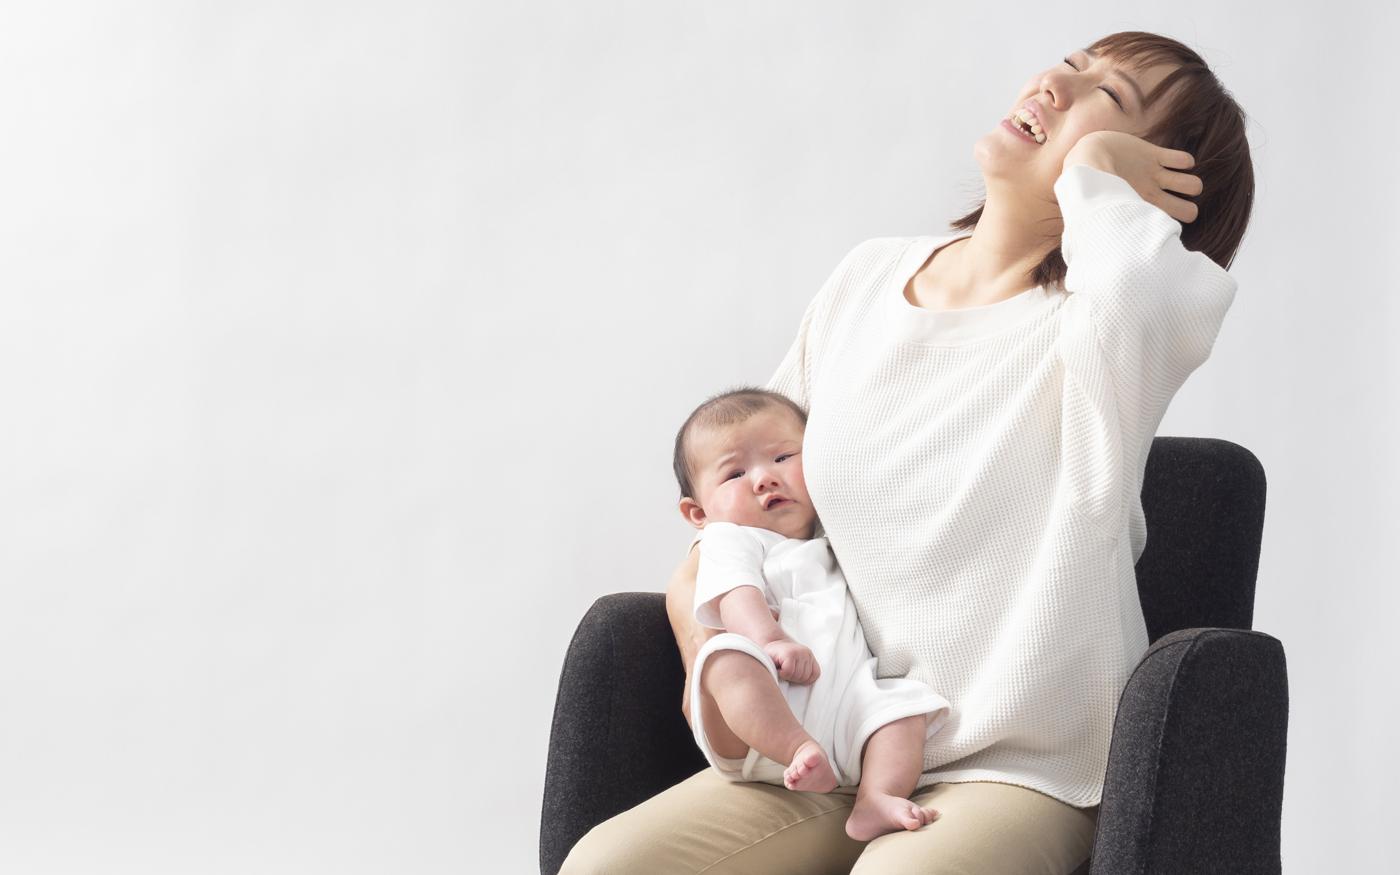 叱らない親と怒鳴る親。子どもを成長させる親はどっち?